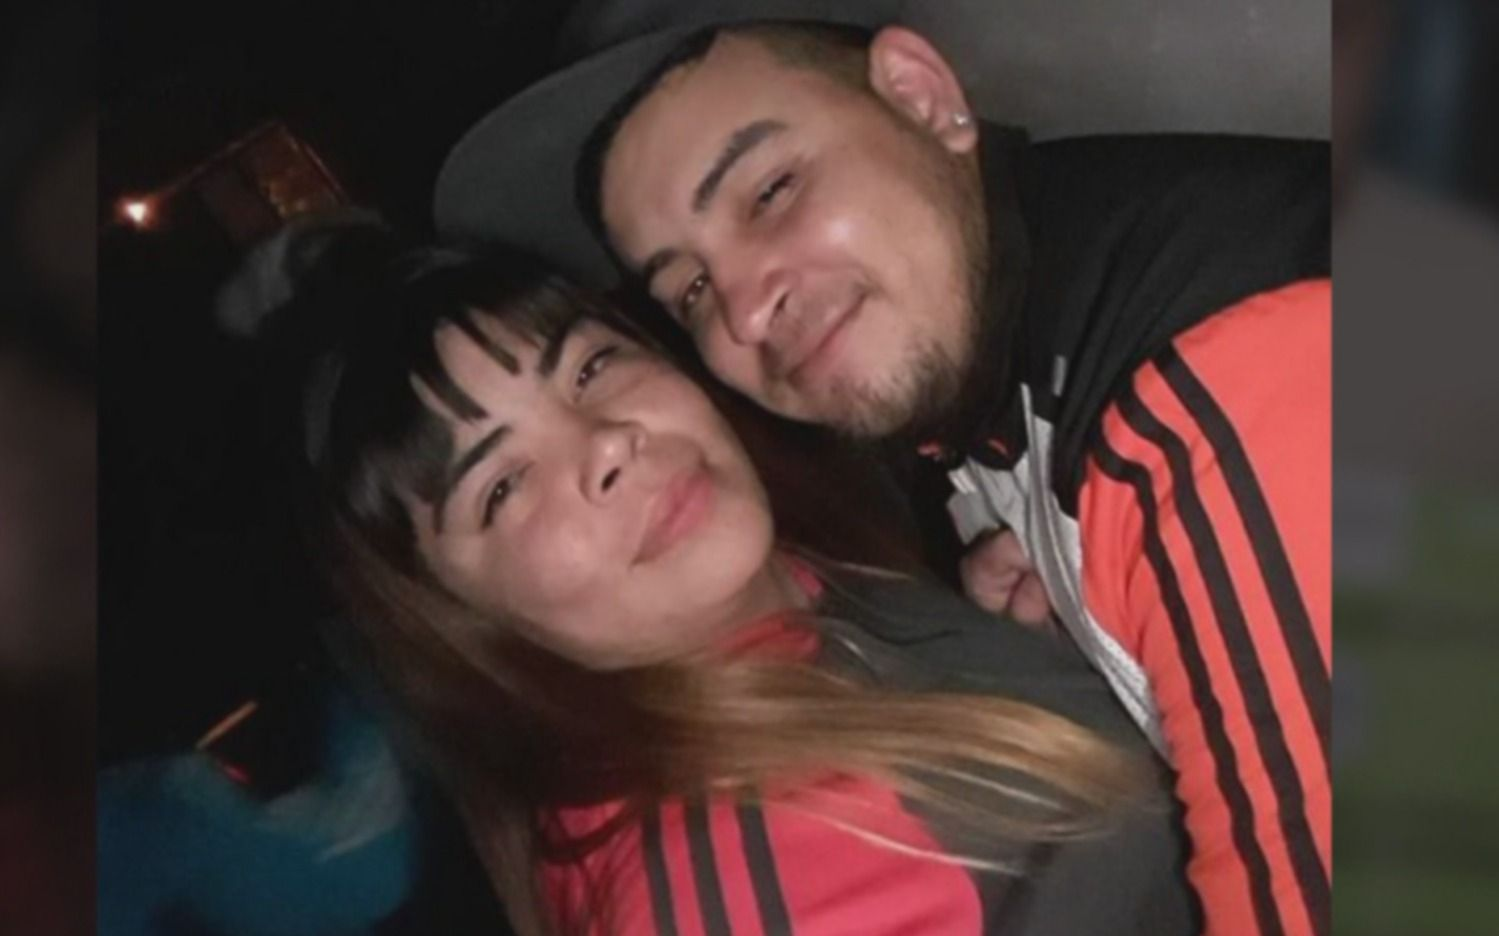 Murió la joven quemada por su pareja en El Jagüel